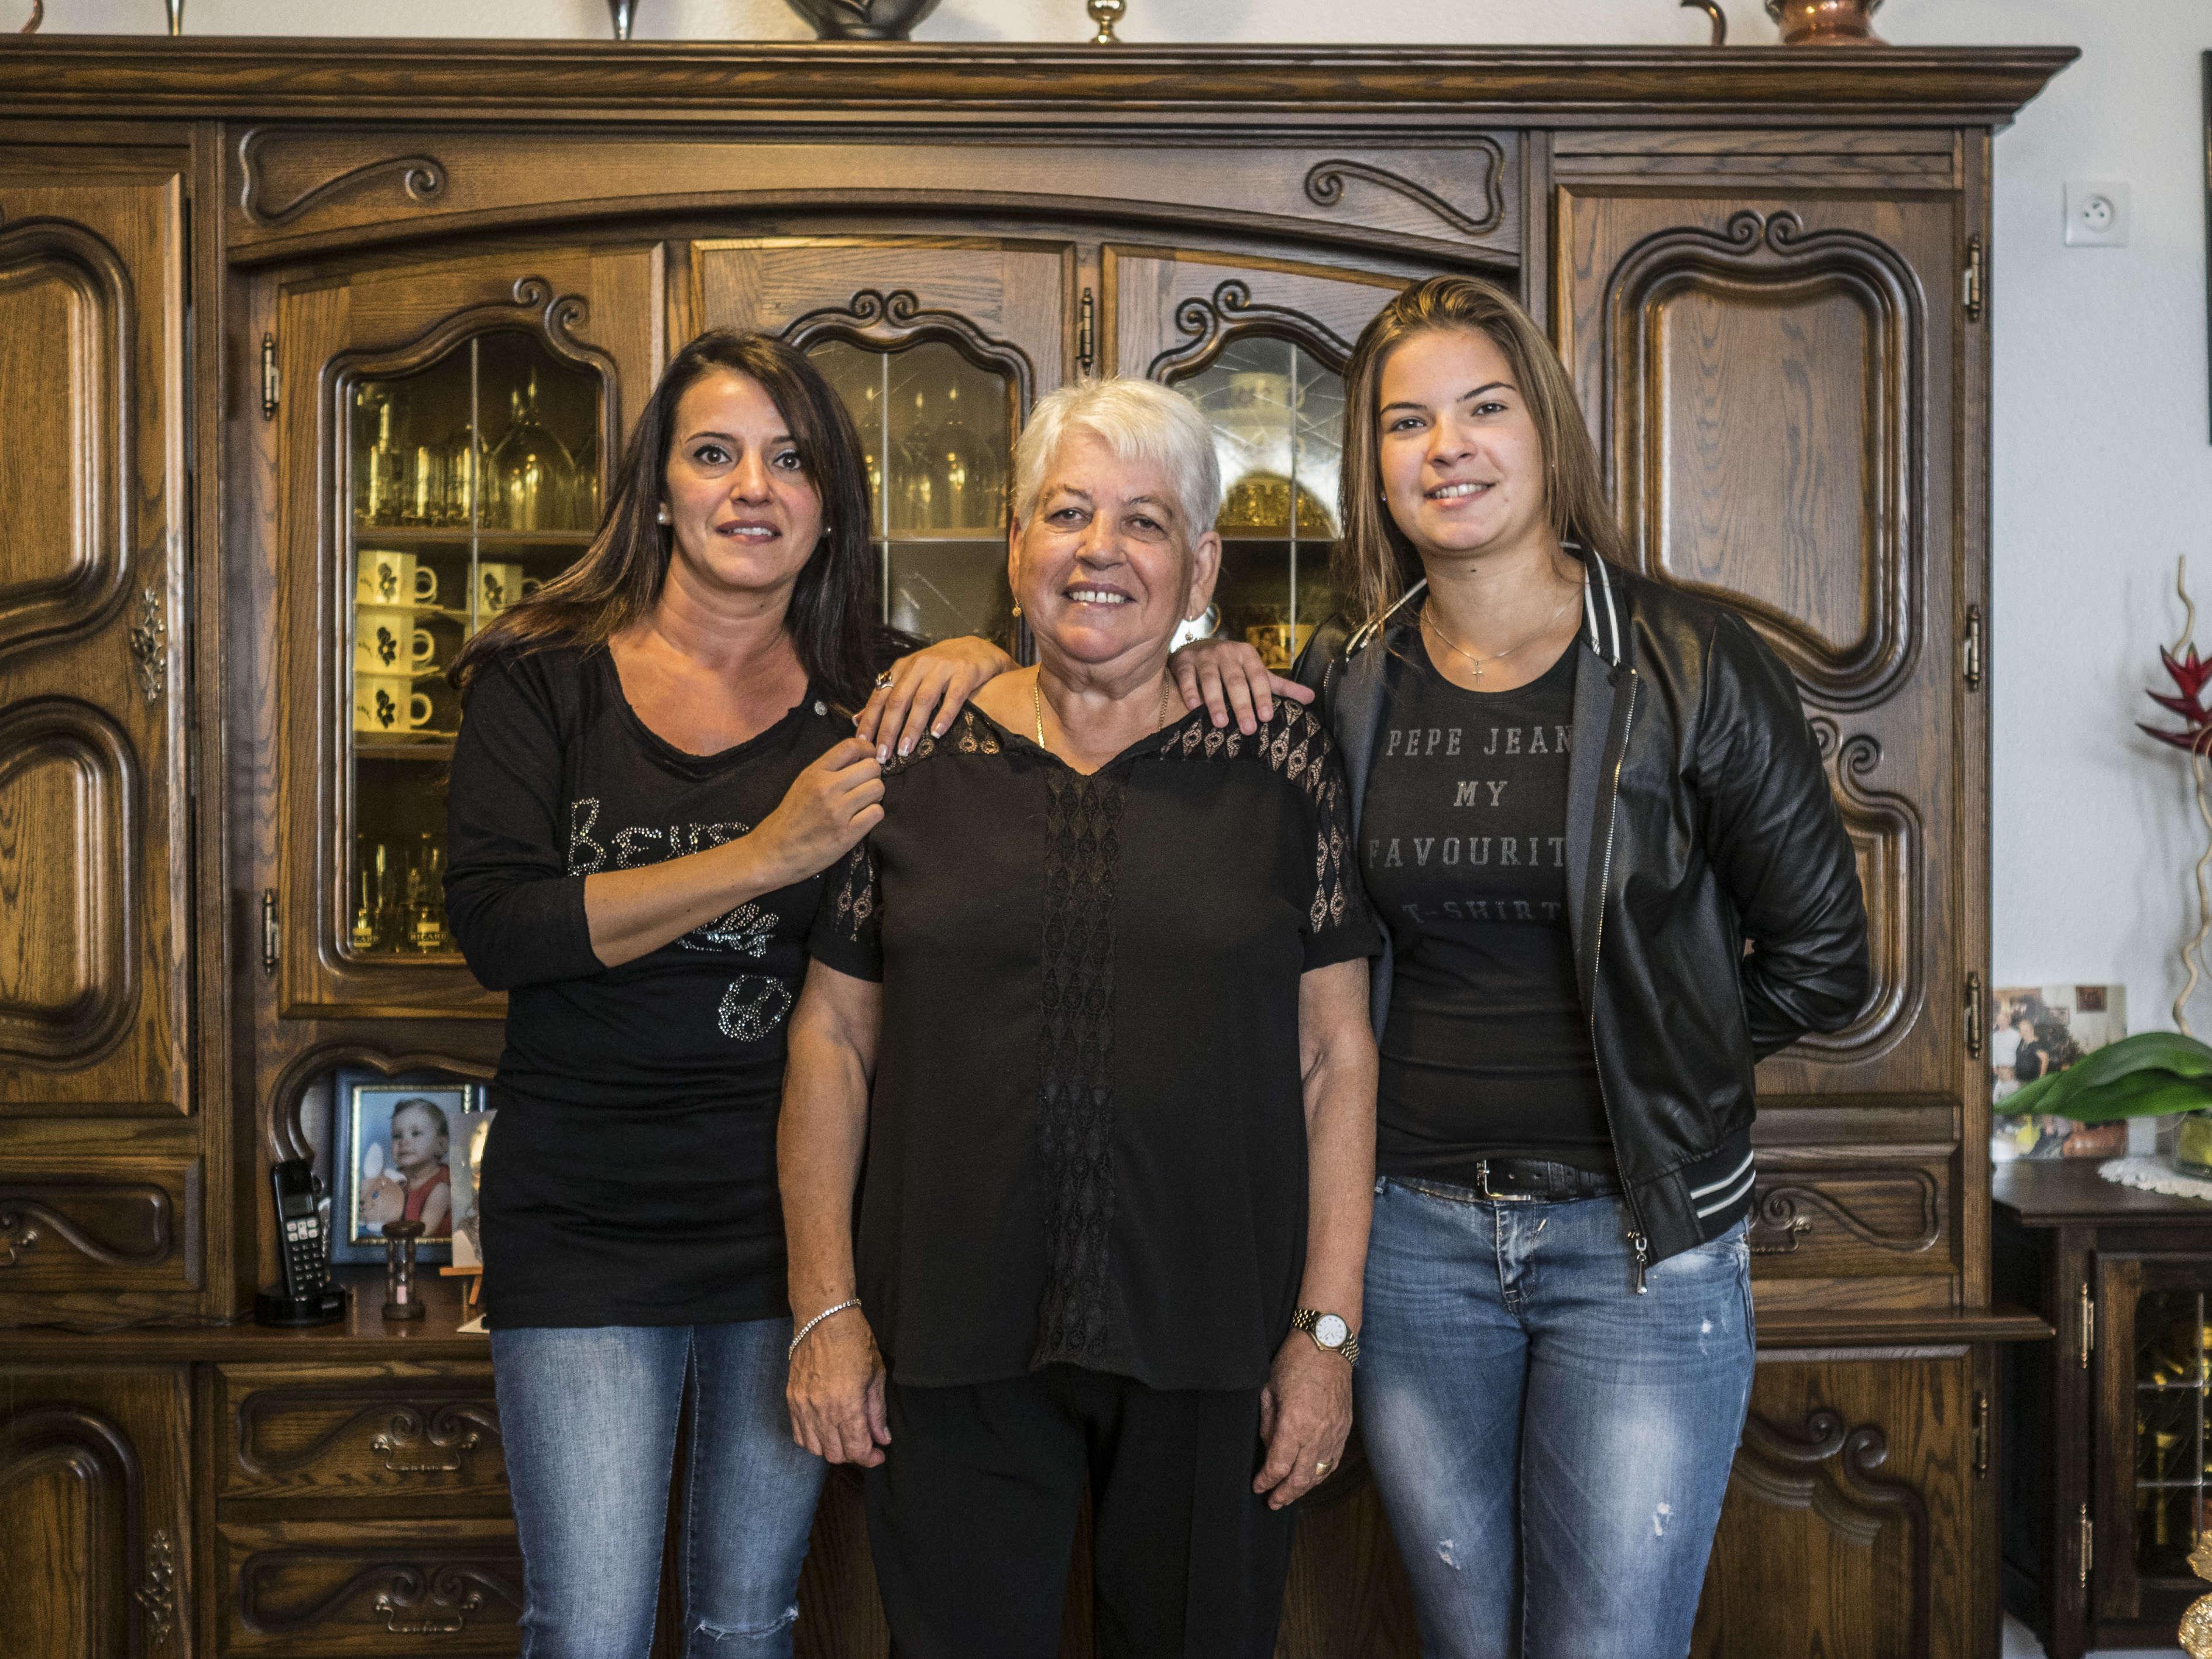 Au centre, Josepha Silva, 69 ans, d'origine portugaise, est arrivée à Montluçon en1968. Elle nous accueille chez elle, entourée de sa fille (à gauche) et de sa petite fille (à droite). Elle participe aux performance intitulées « Speed Telling», entre le 7 etle12octobre, durant lesquelles des montluçonnais racontent en quelques minutes leur parcours de migration… un sablier posé sur la table.